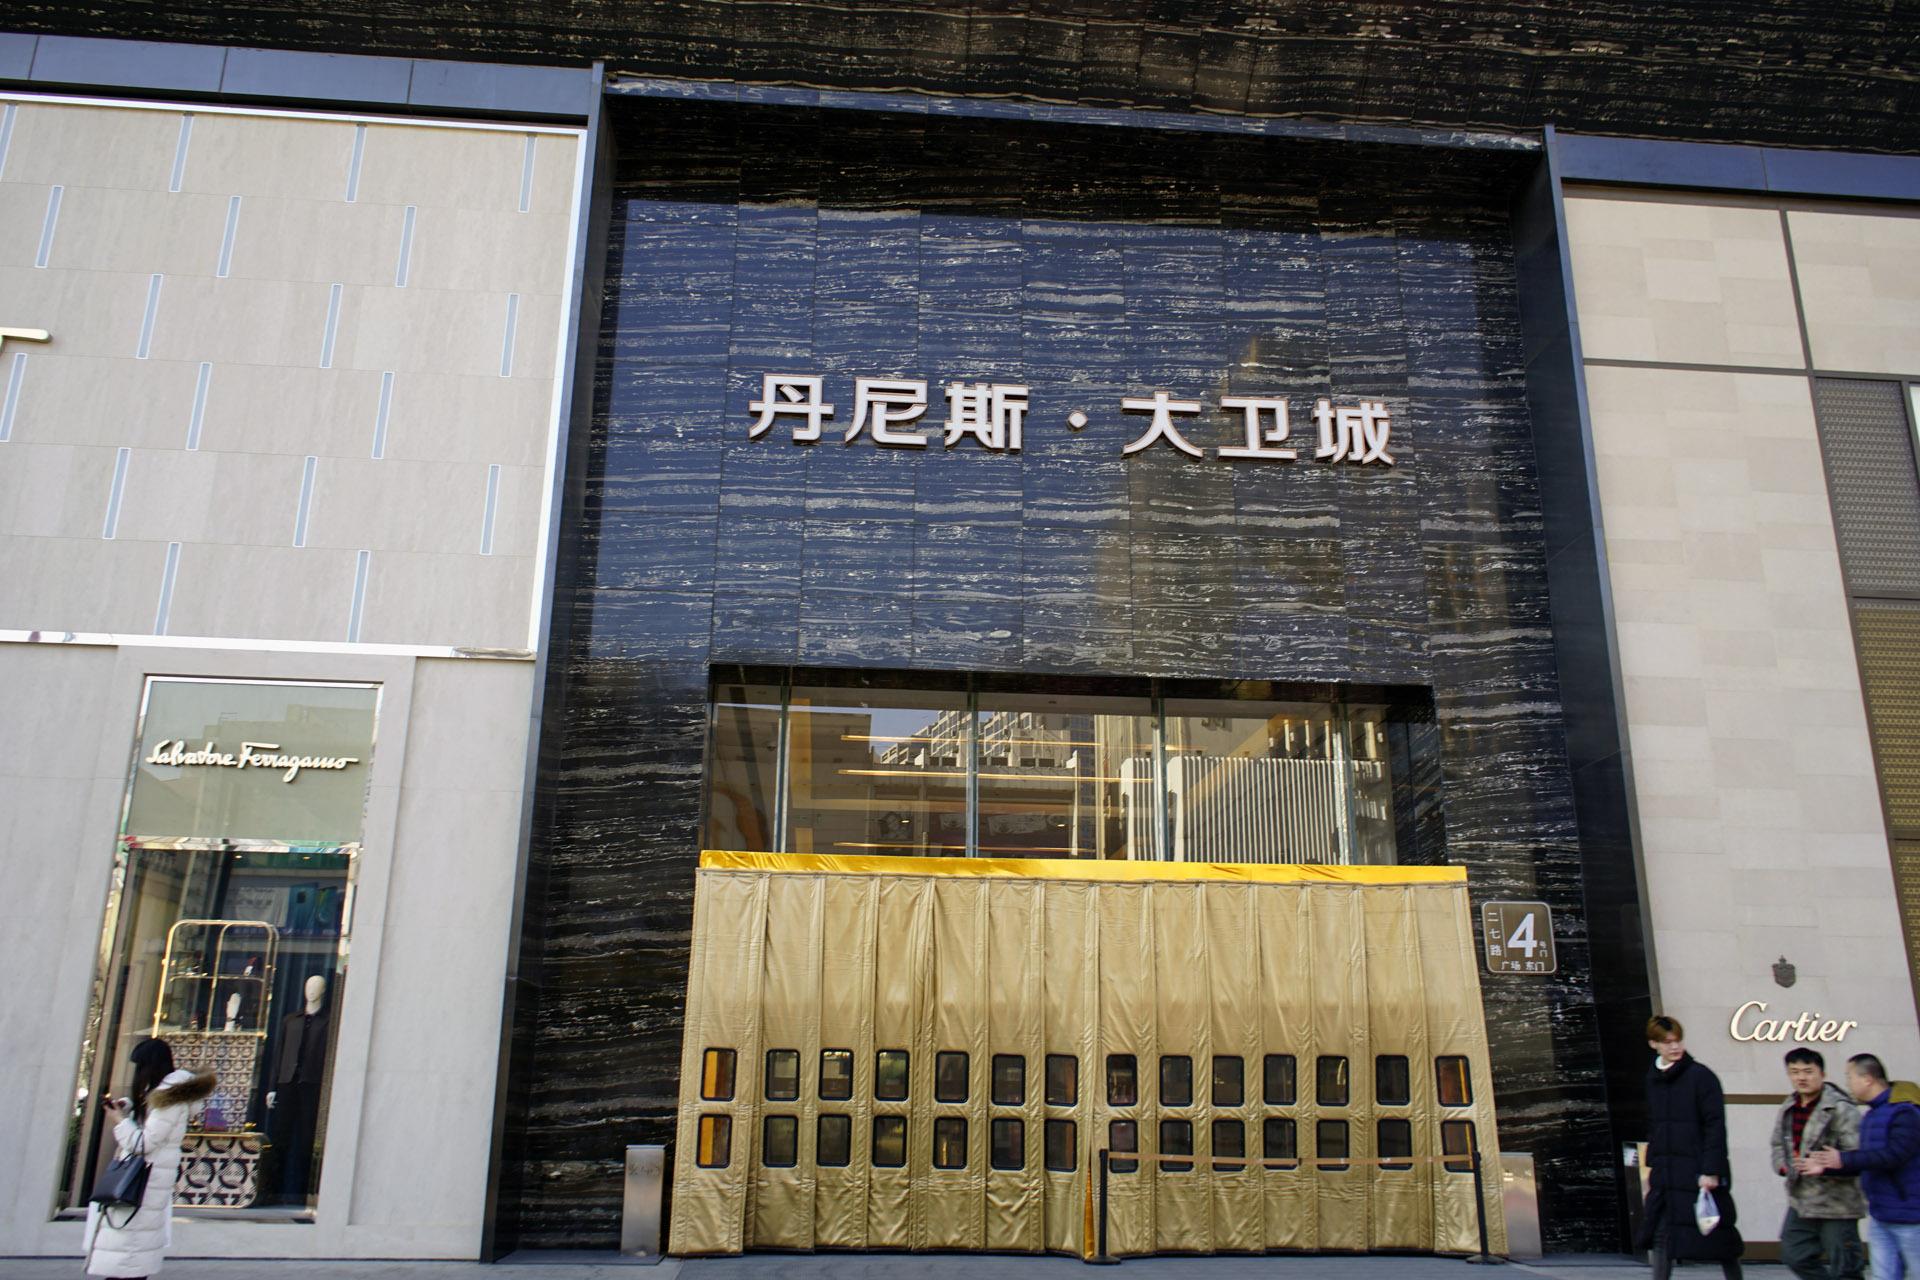 【中州商业】郑州万象城、大卫城、熙地港、正弘城对比分析谁将主导郑州商圈?